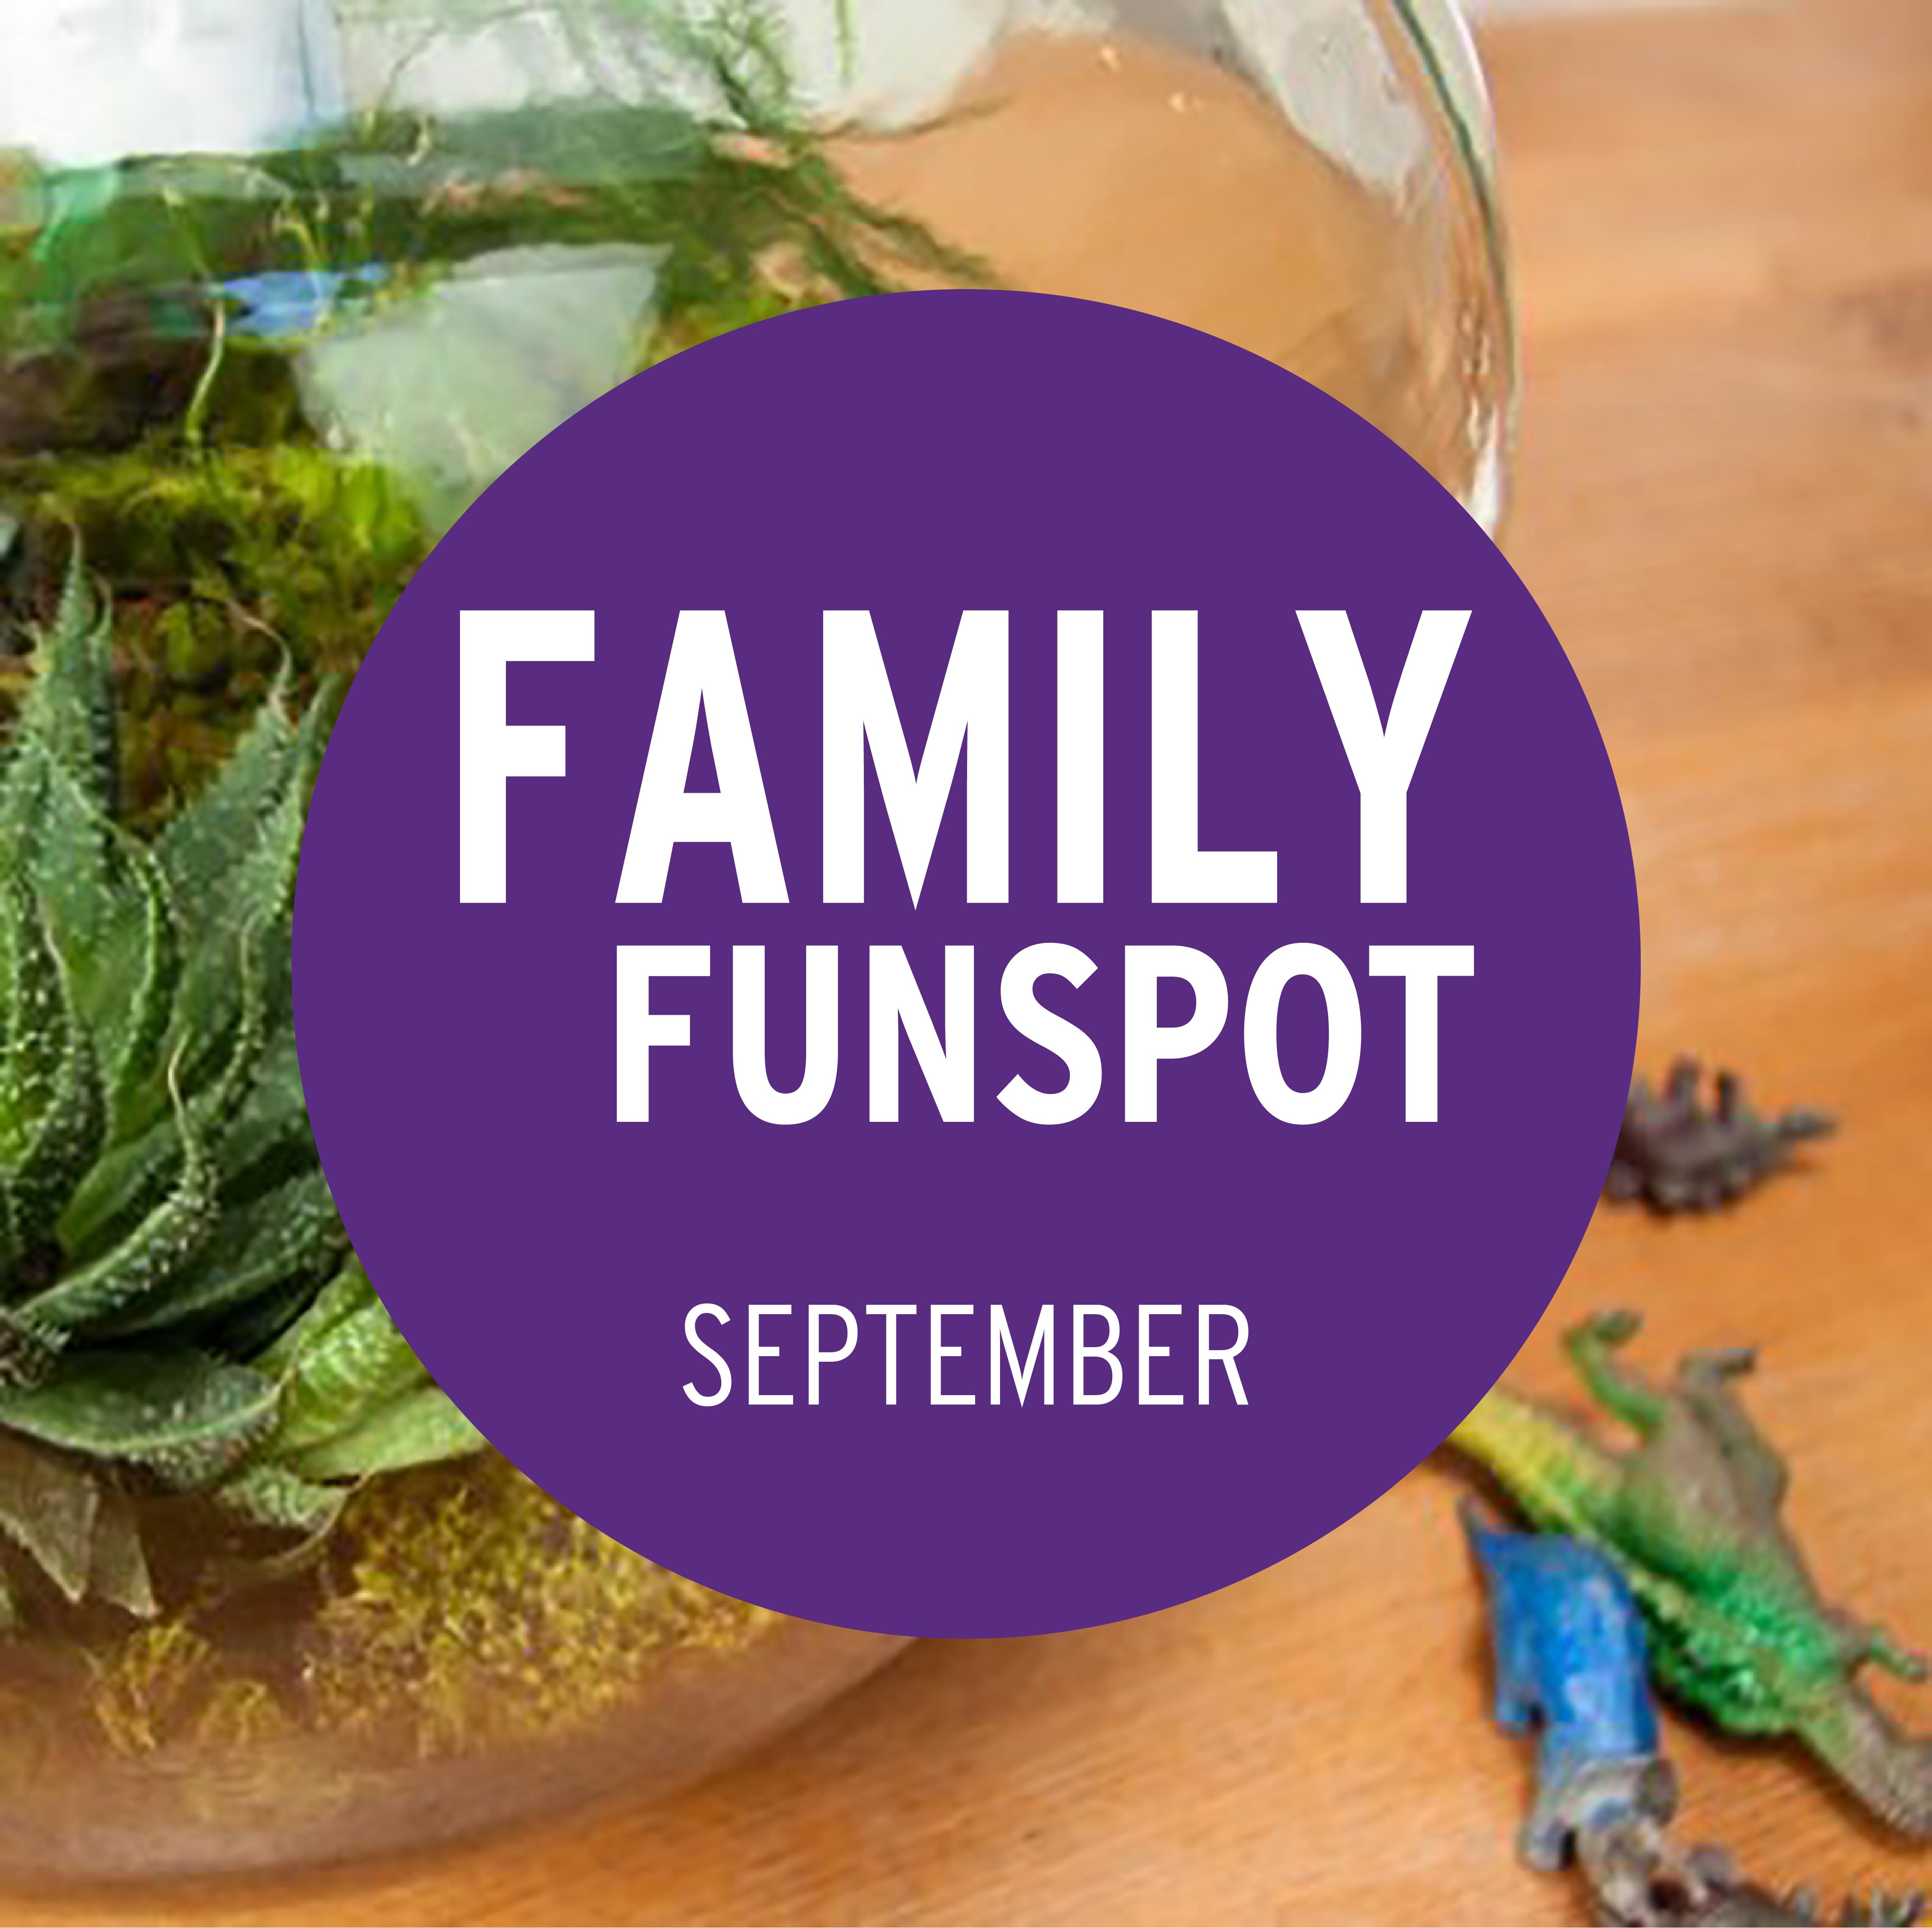 Family FunSpot September